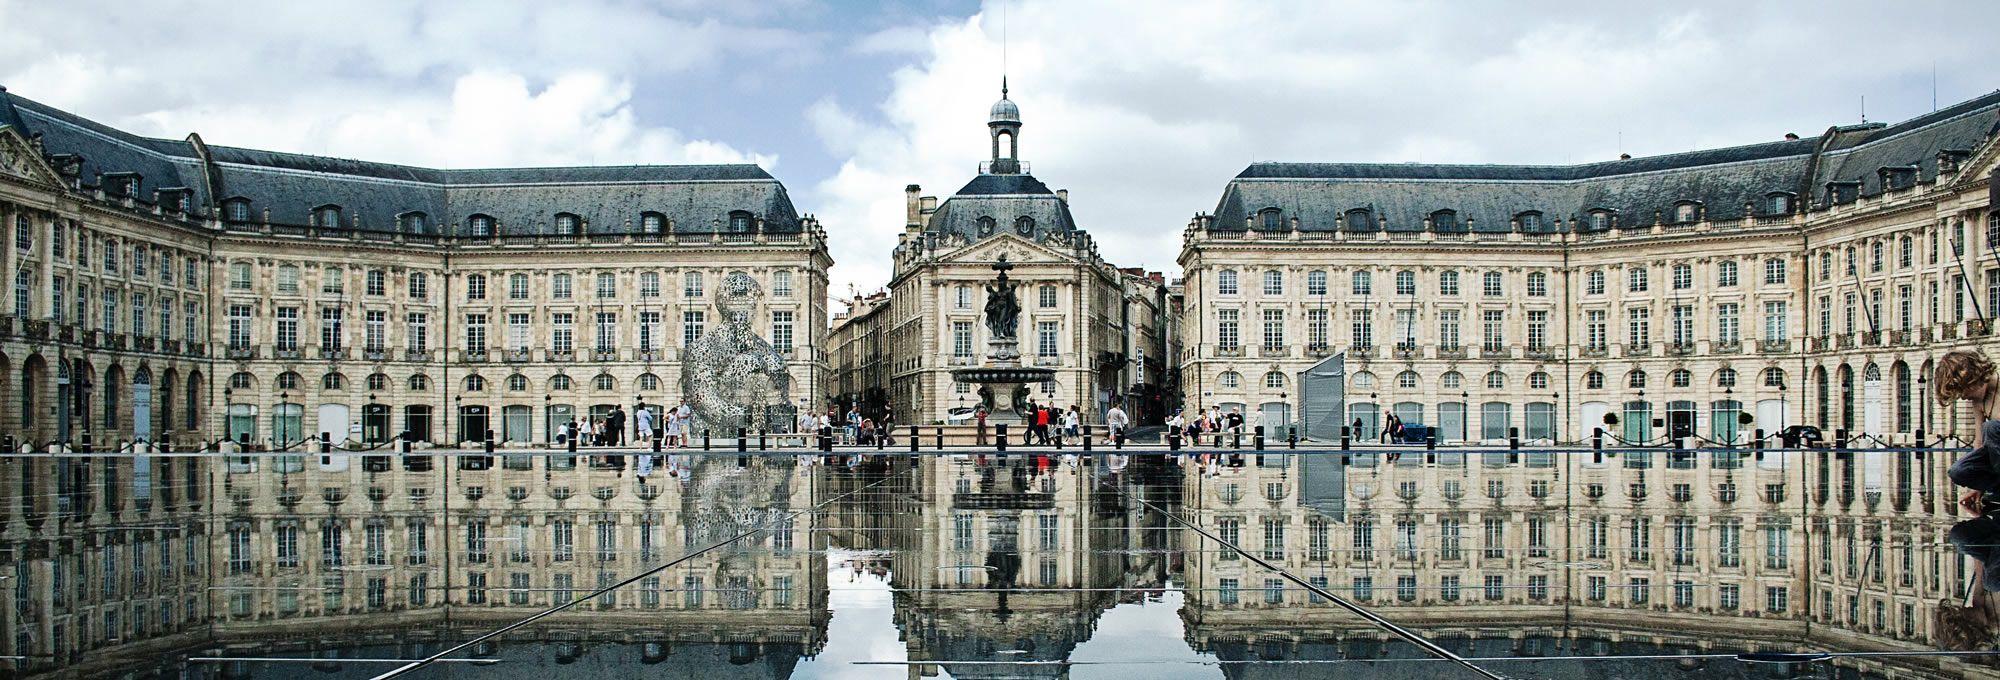 tourism in Bordeaux city